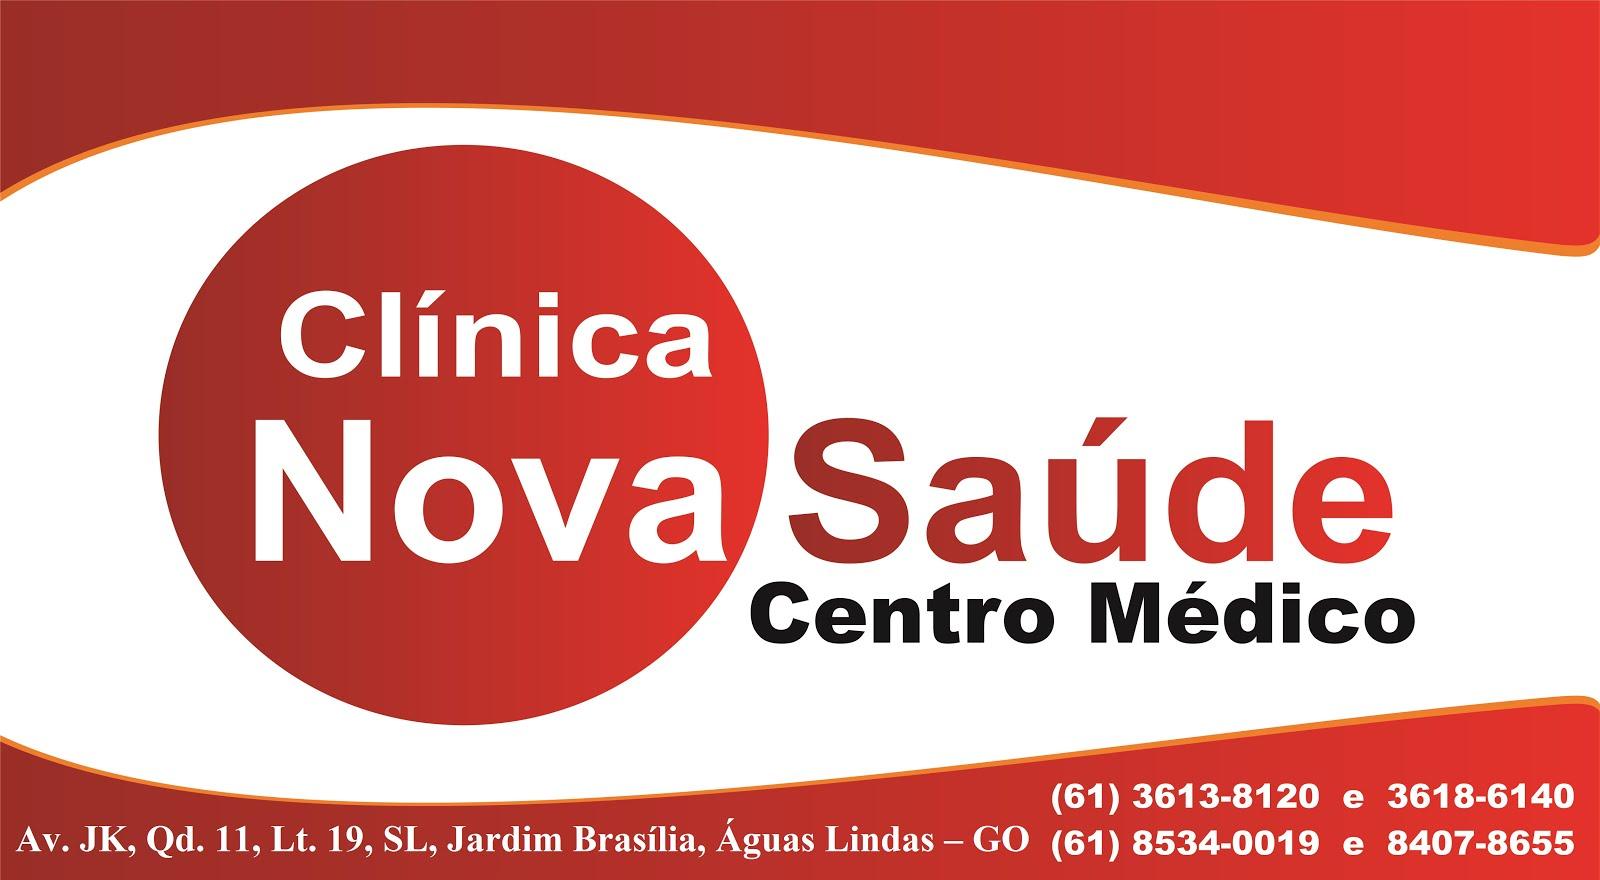 Clinica Nova Saúde